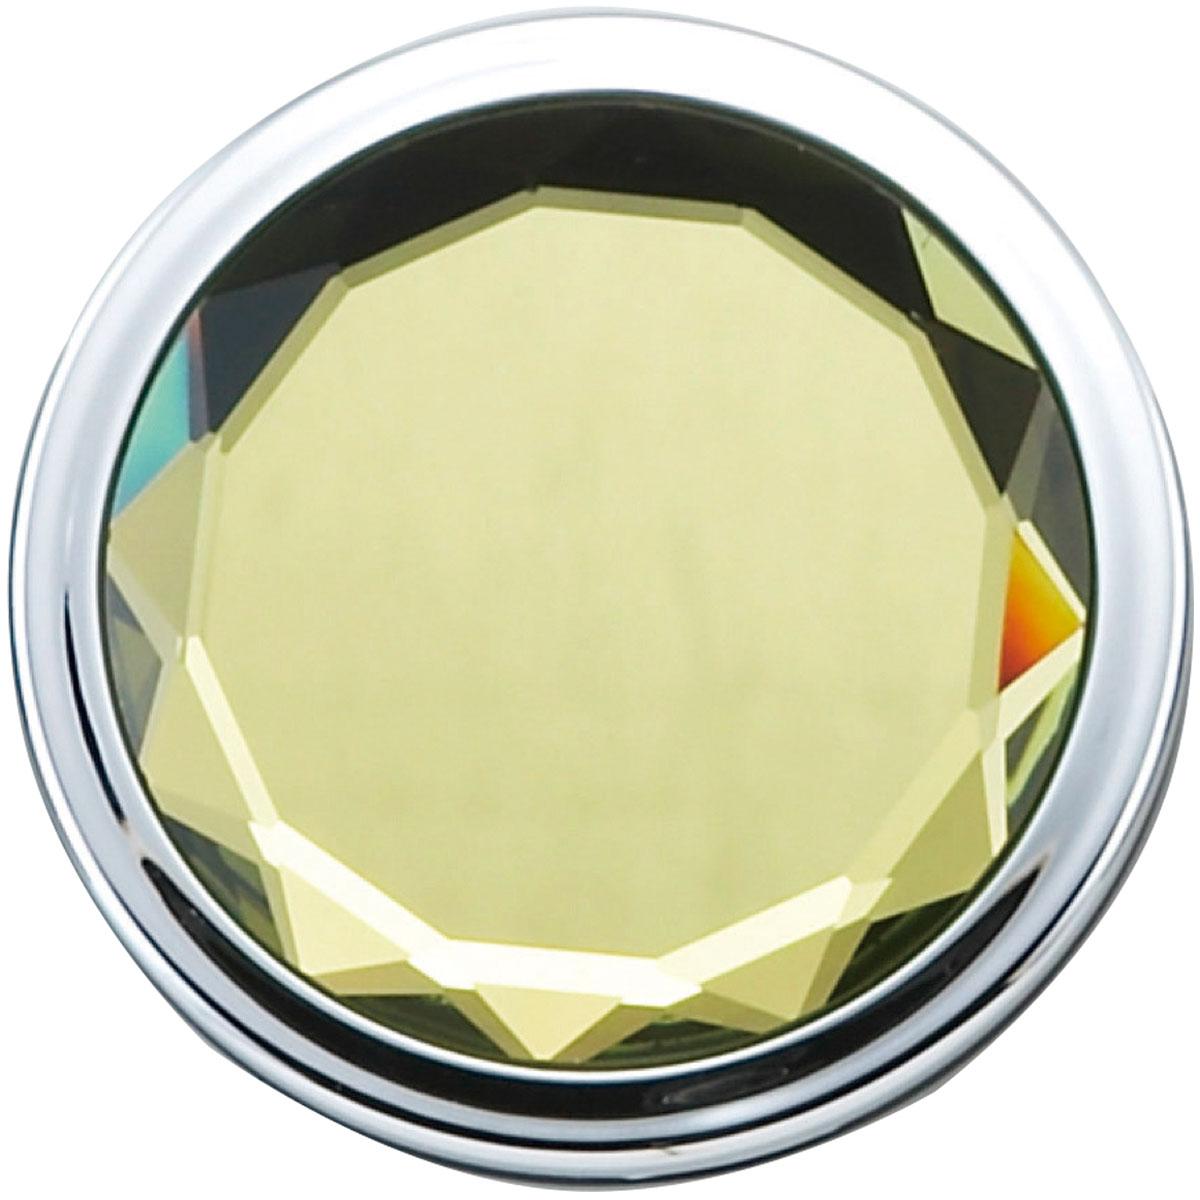 コンパクトカラージュエルミラー 2倍拡大鏡付き